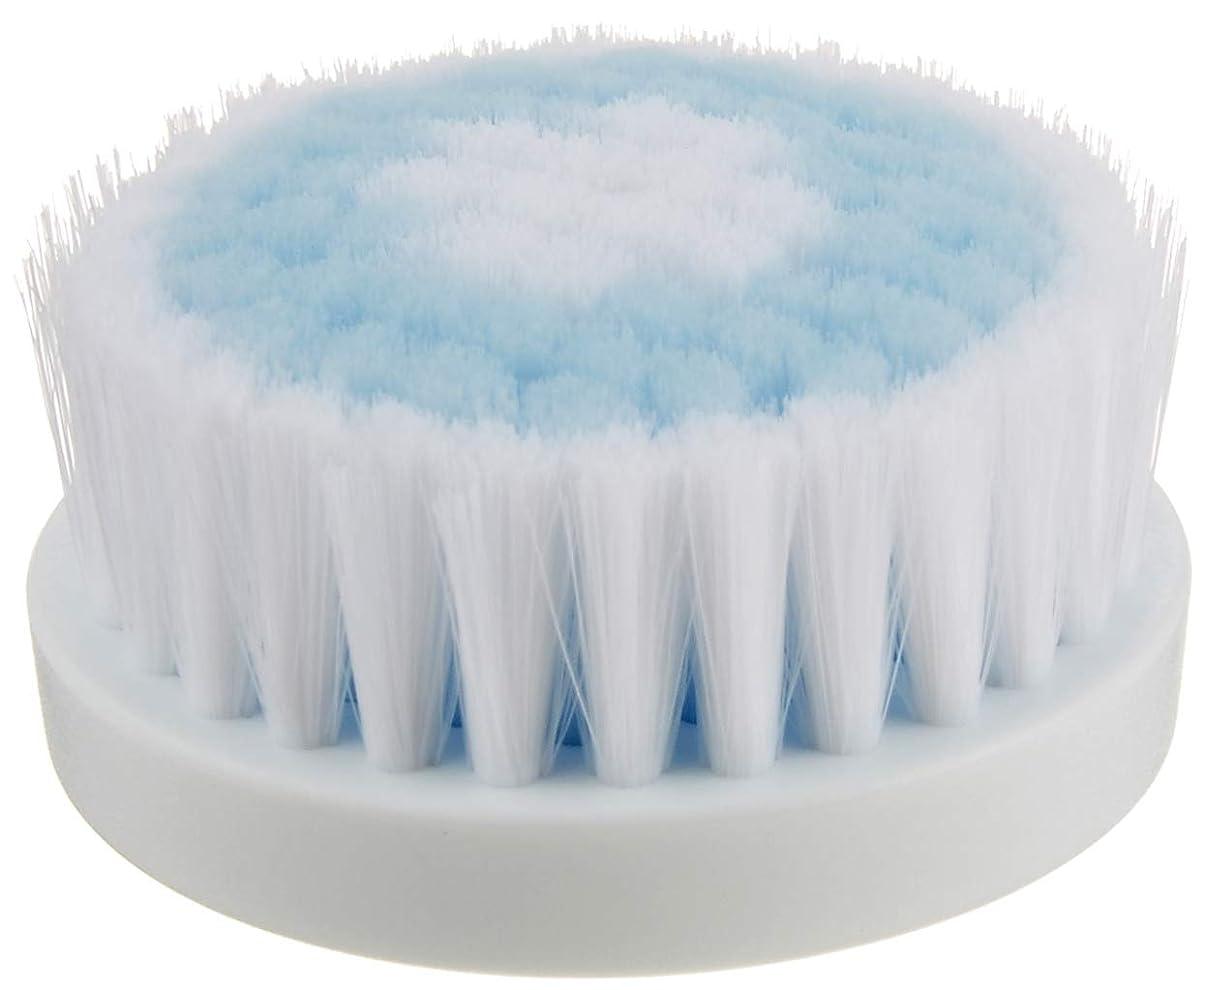 体系的にグラフ節約するフィリップス 洗顔ブラシ【メンズビザピュア】敏感肌用ブラシ MS591/51